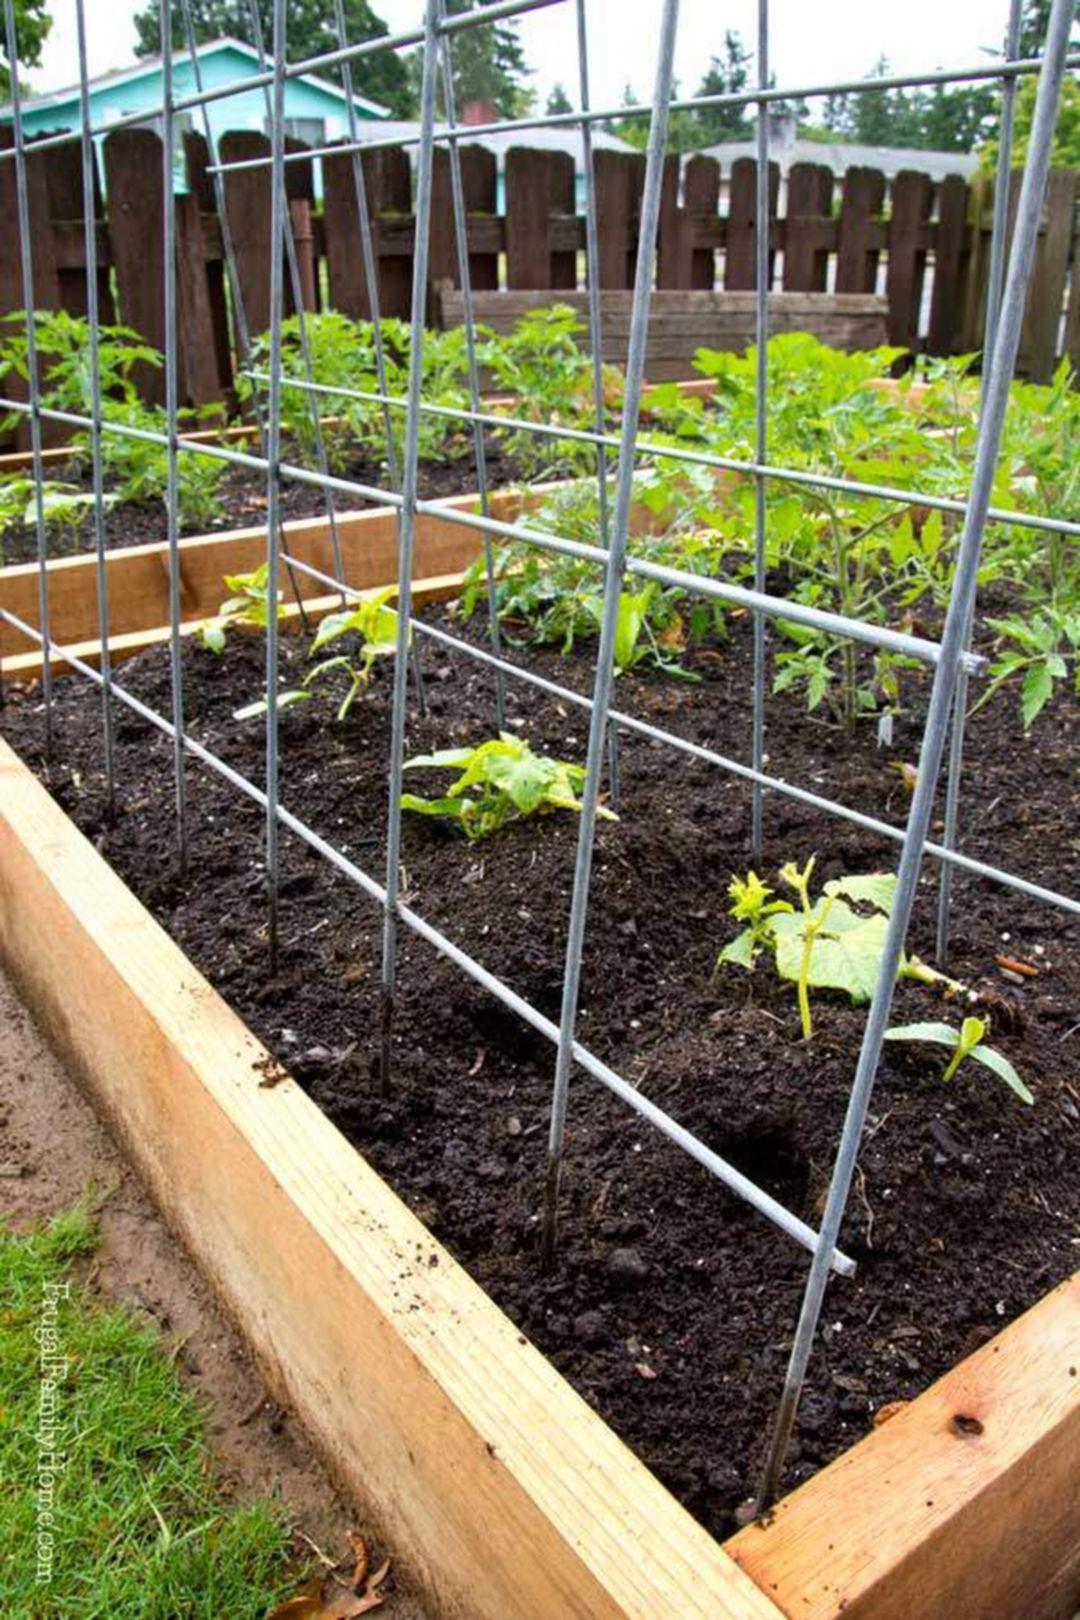 22 Easy Diy Garden Trellis Design Ideas For Vertical Growth Garden ...